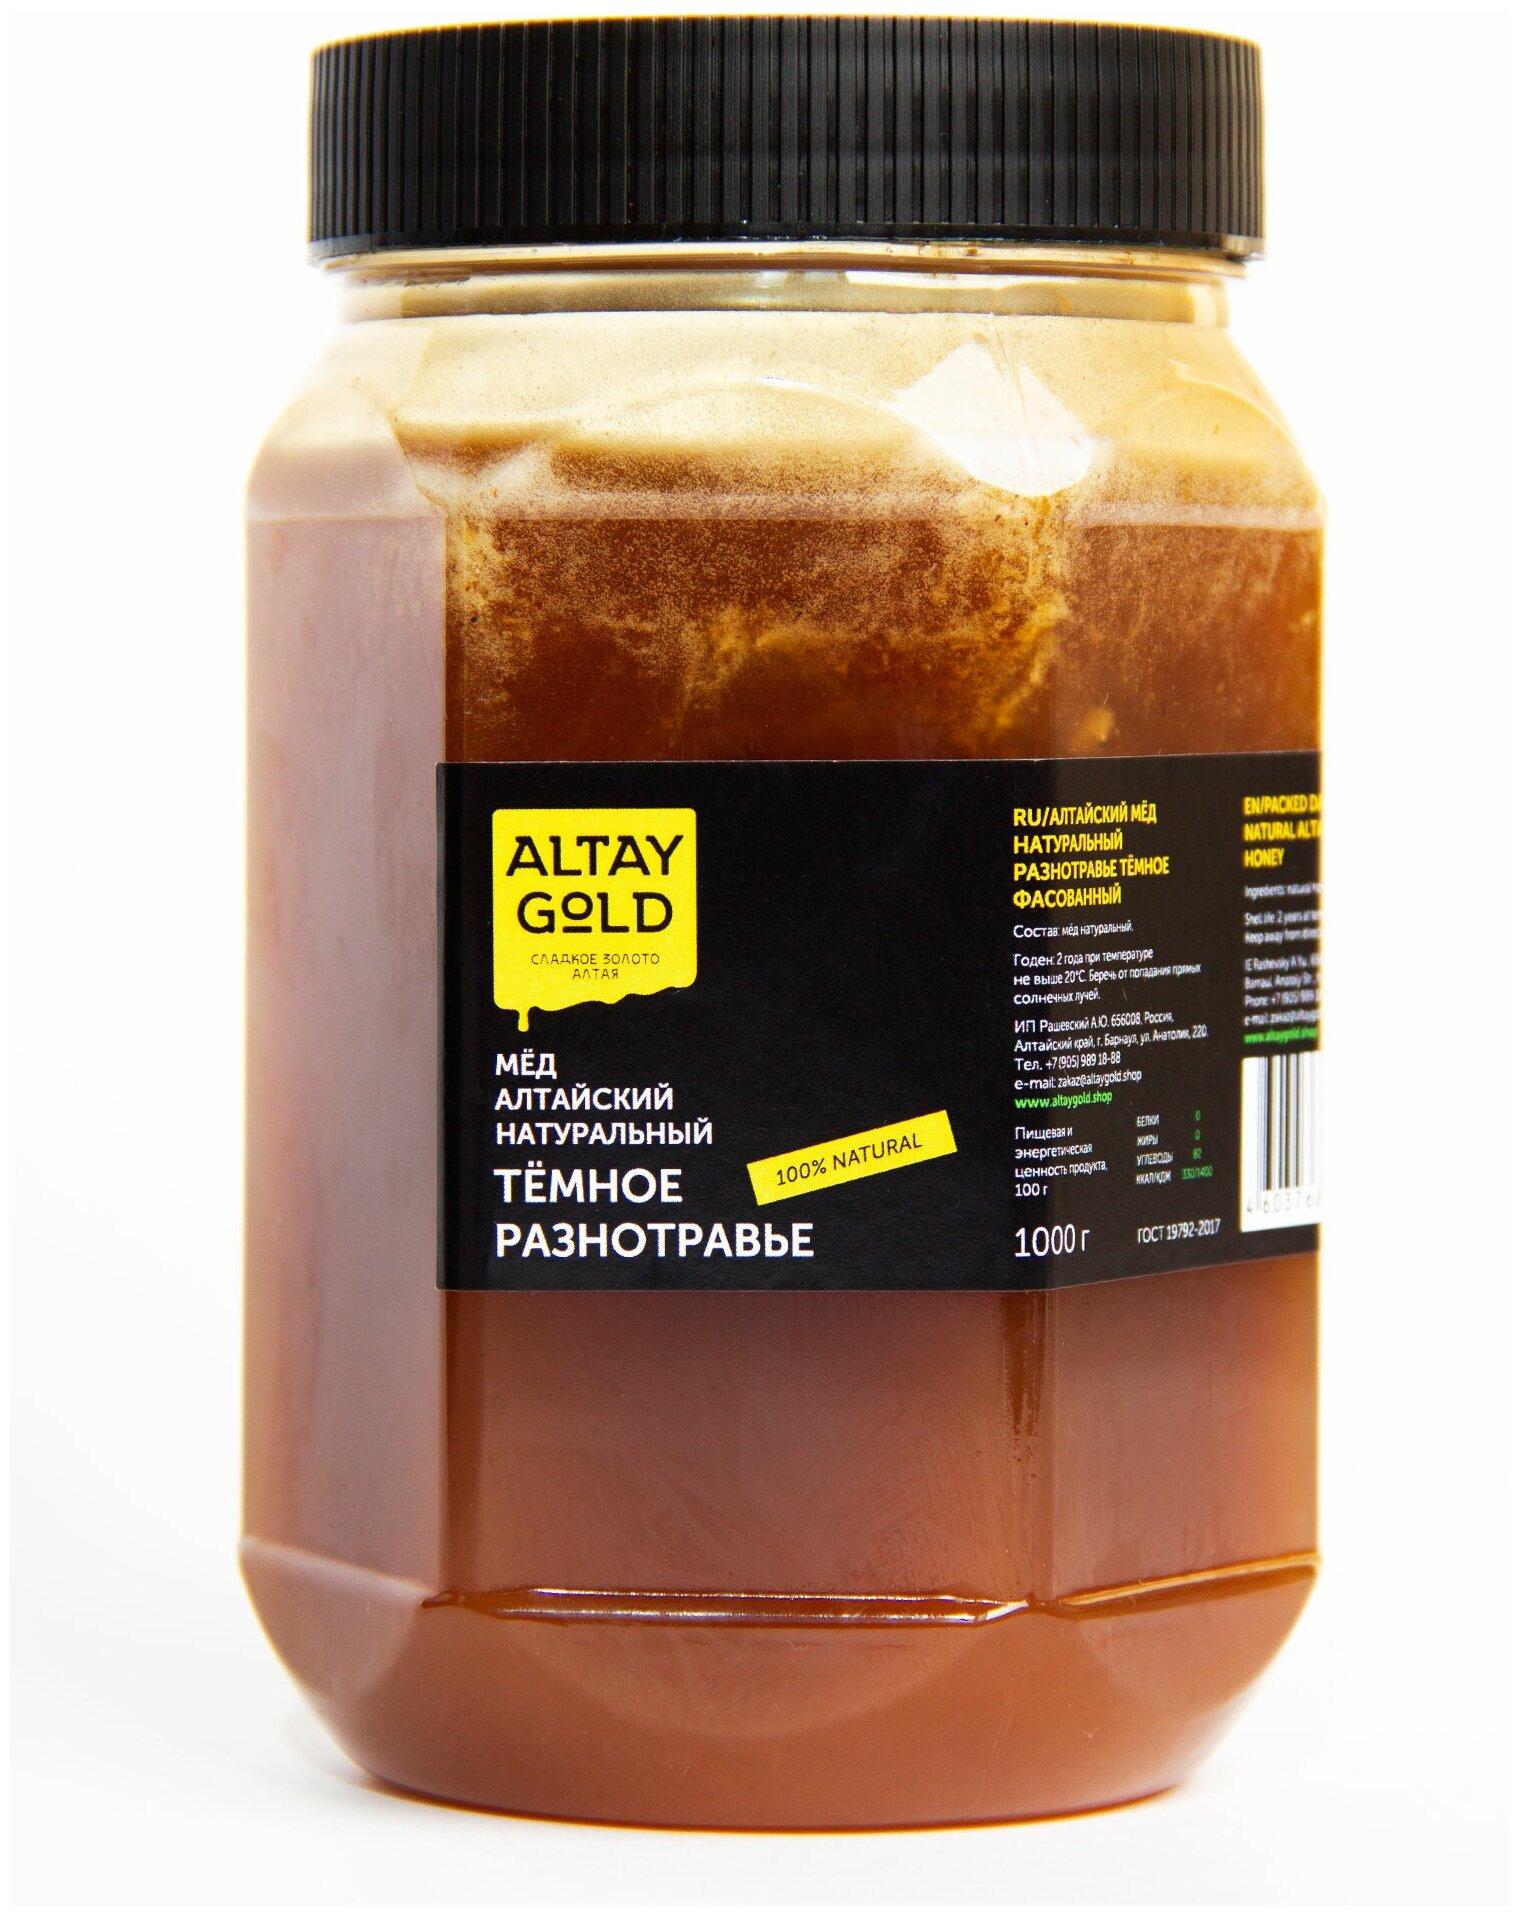 Купить Разнотравный темный мед алтайский 1кг (2020г сбор) Altay Gold / Мёд натуральный Разнотравье Темное по низкой цене с доставкой из Яндекс.Маркета